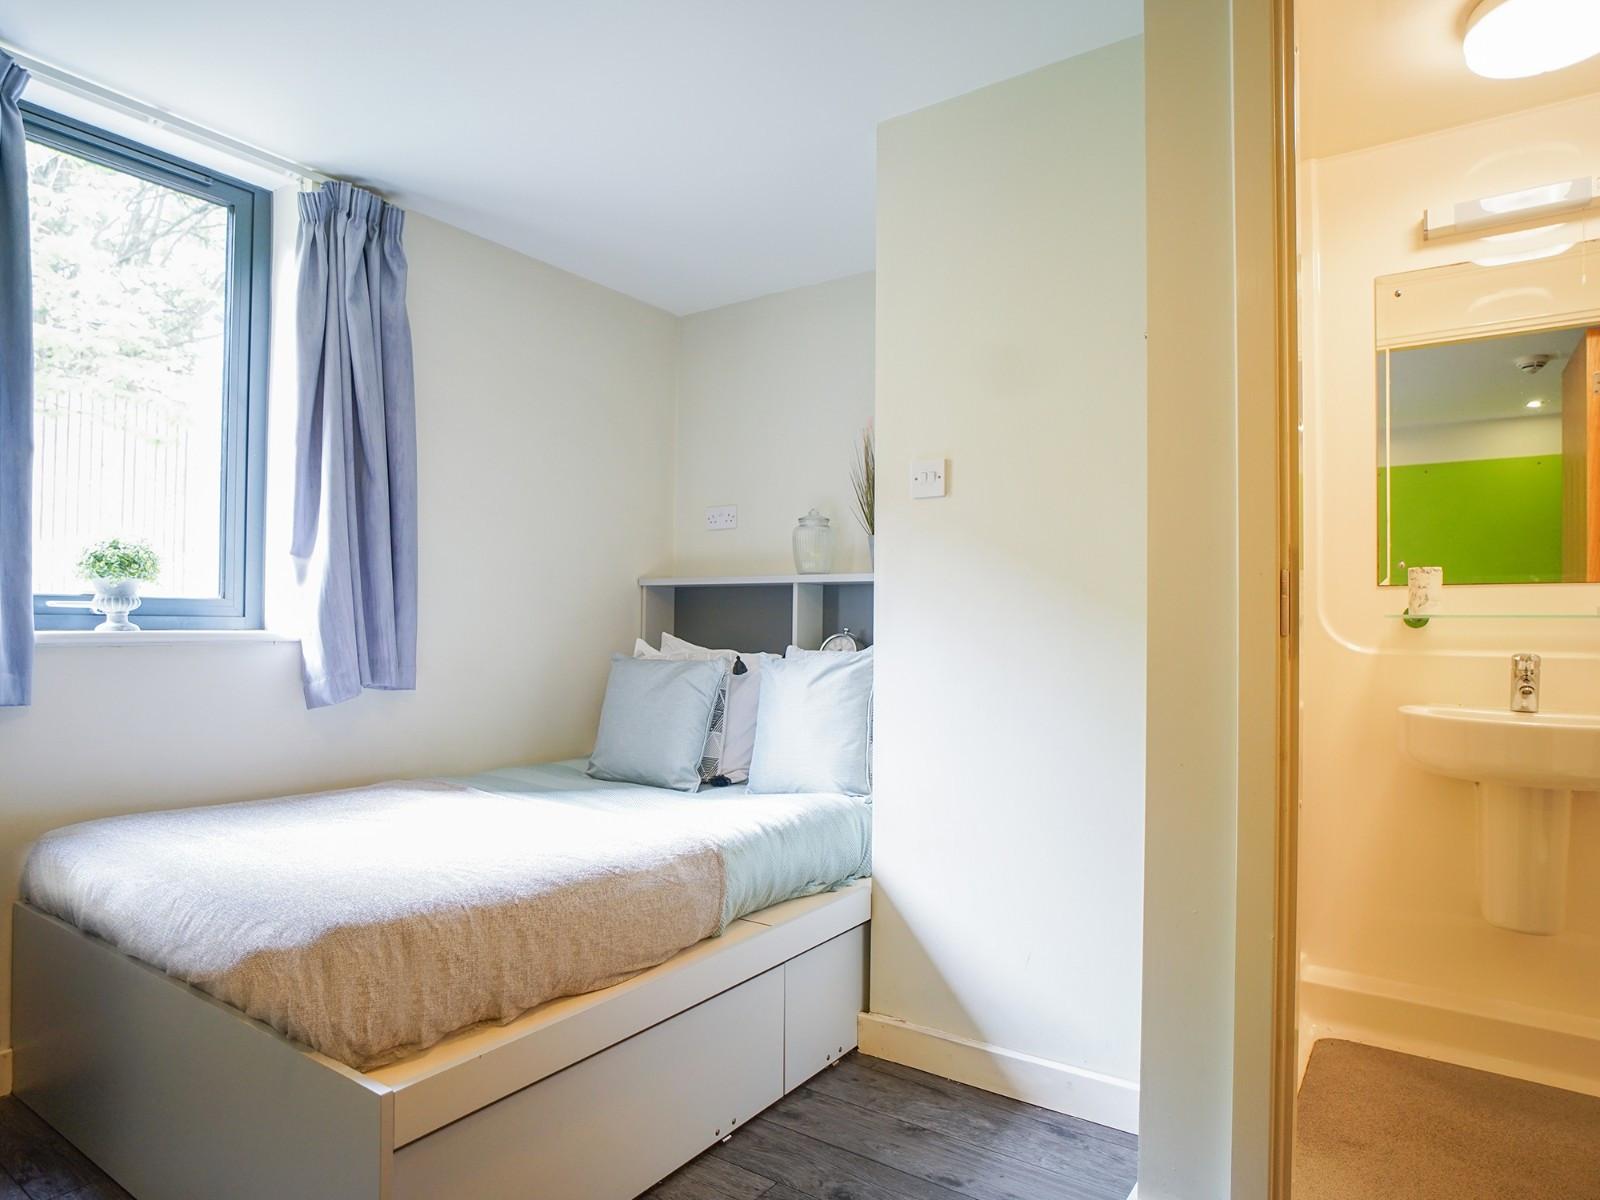 Management Suite 17, Beaverbank Place, Edinburgh